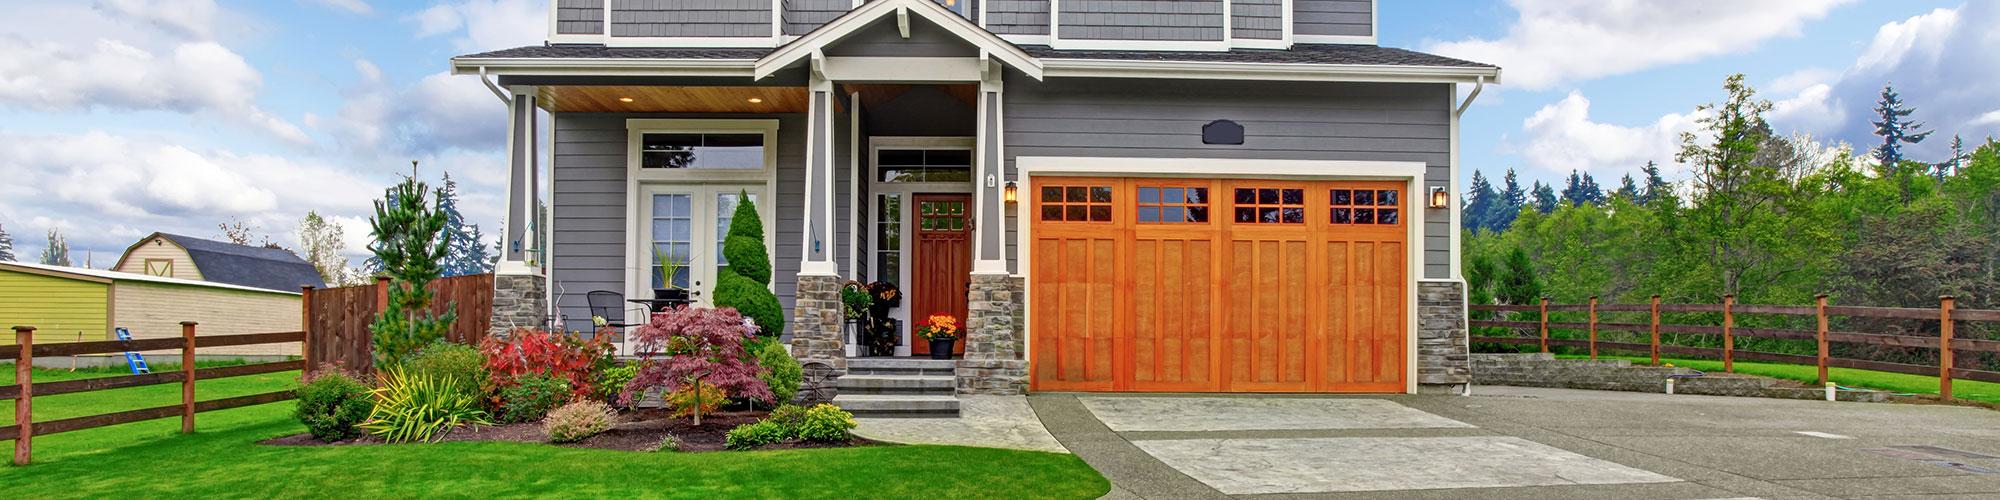 garage-door-repair-los-angeles-1 Garage Door Repair Calabasas